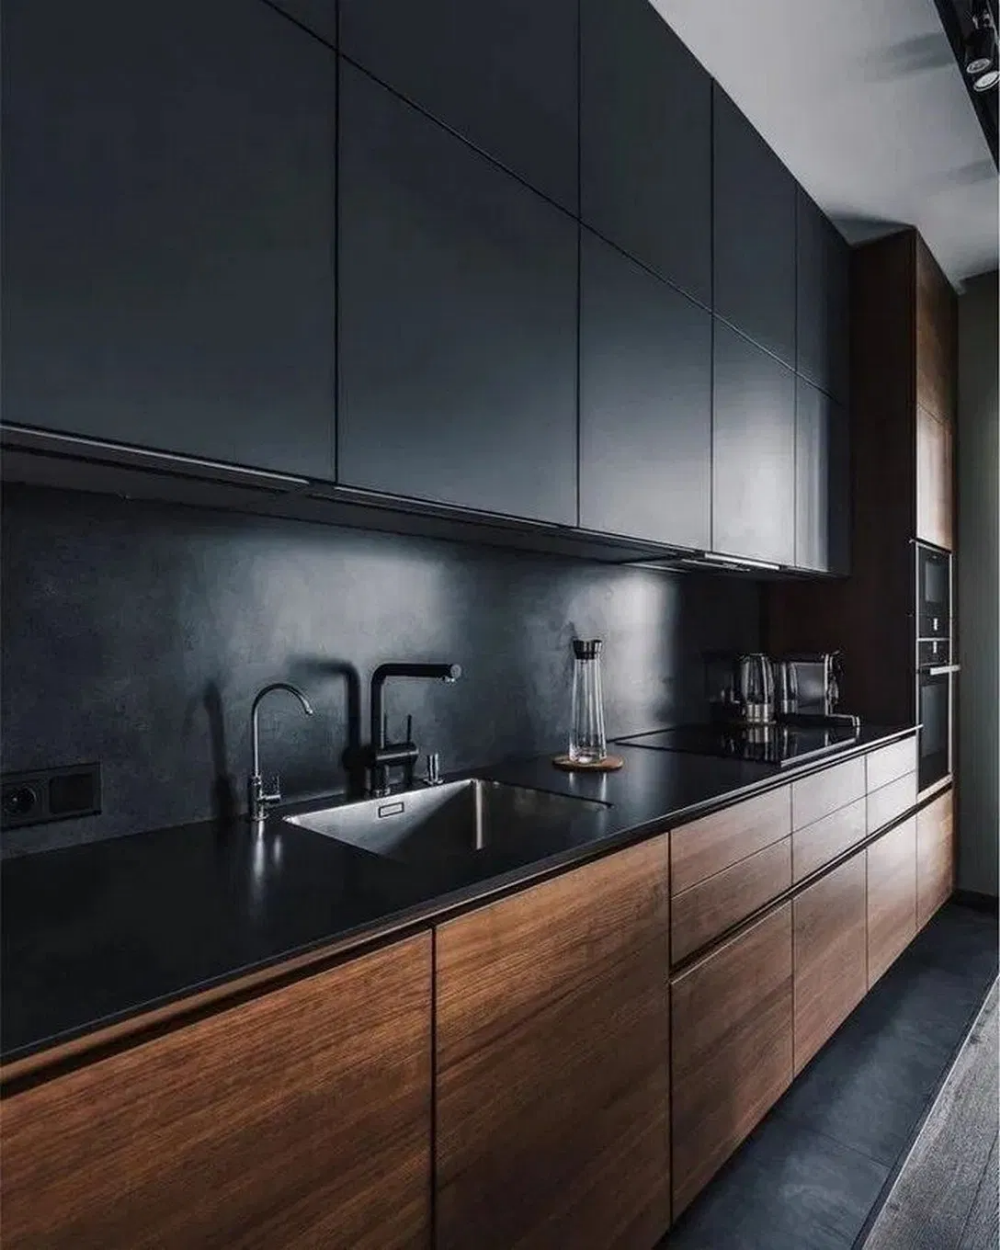 50 Amazing Black Kitchen Design Ideas 2020 Kitchen Design Contemporary Kitchen Design Interior Design Kitchen